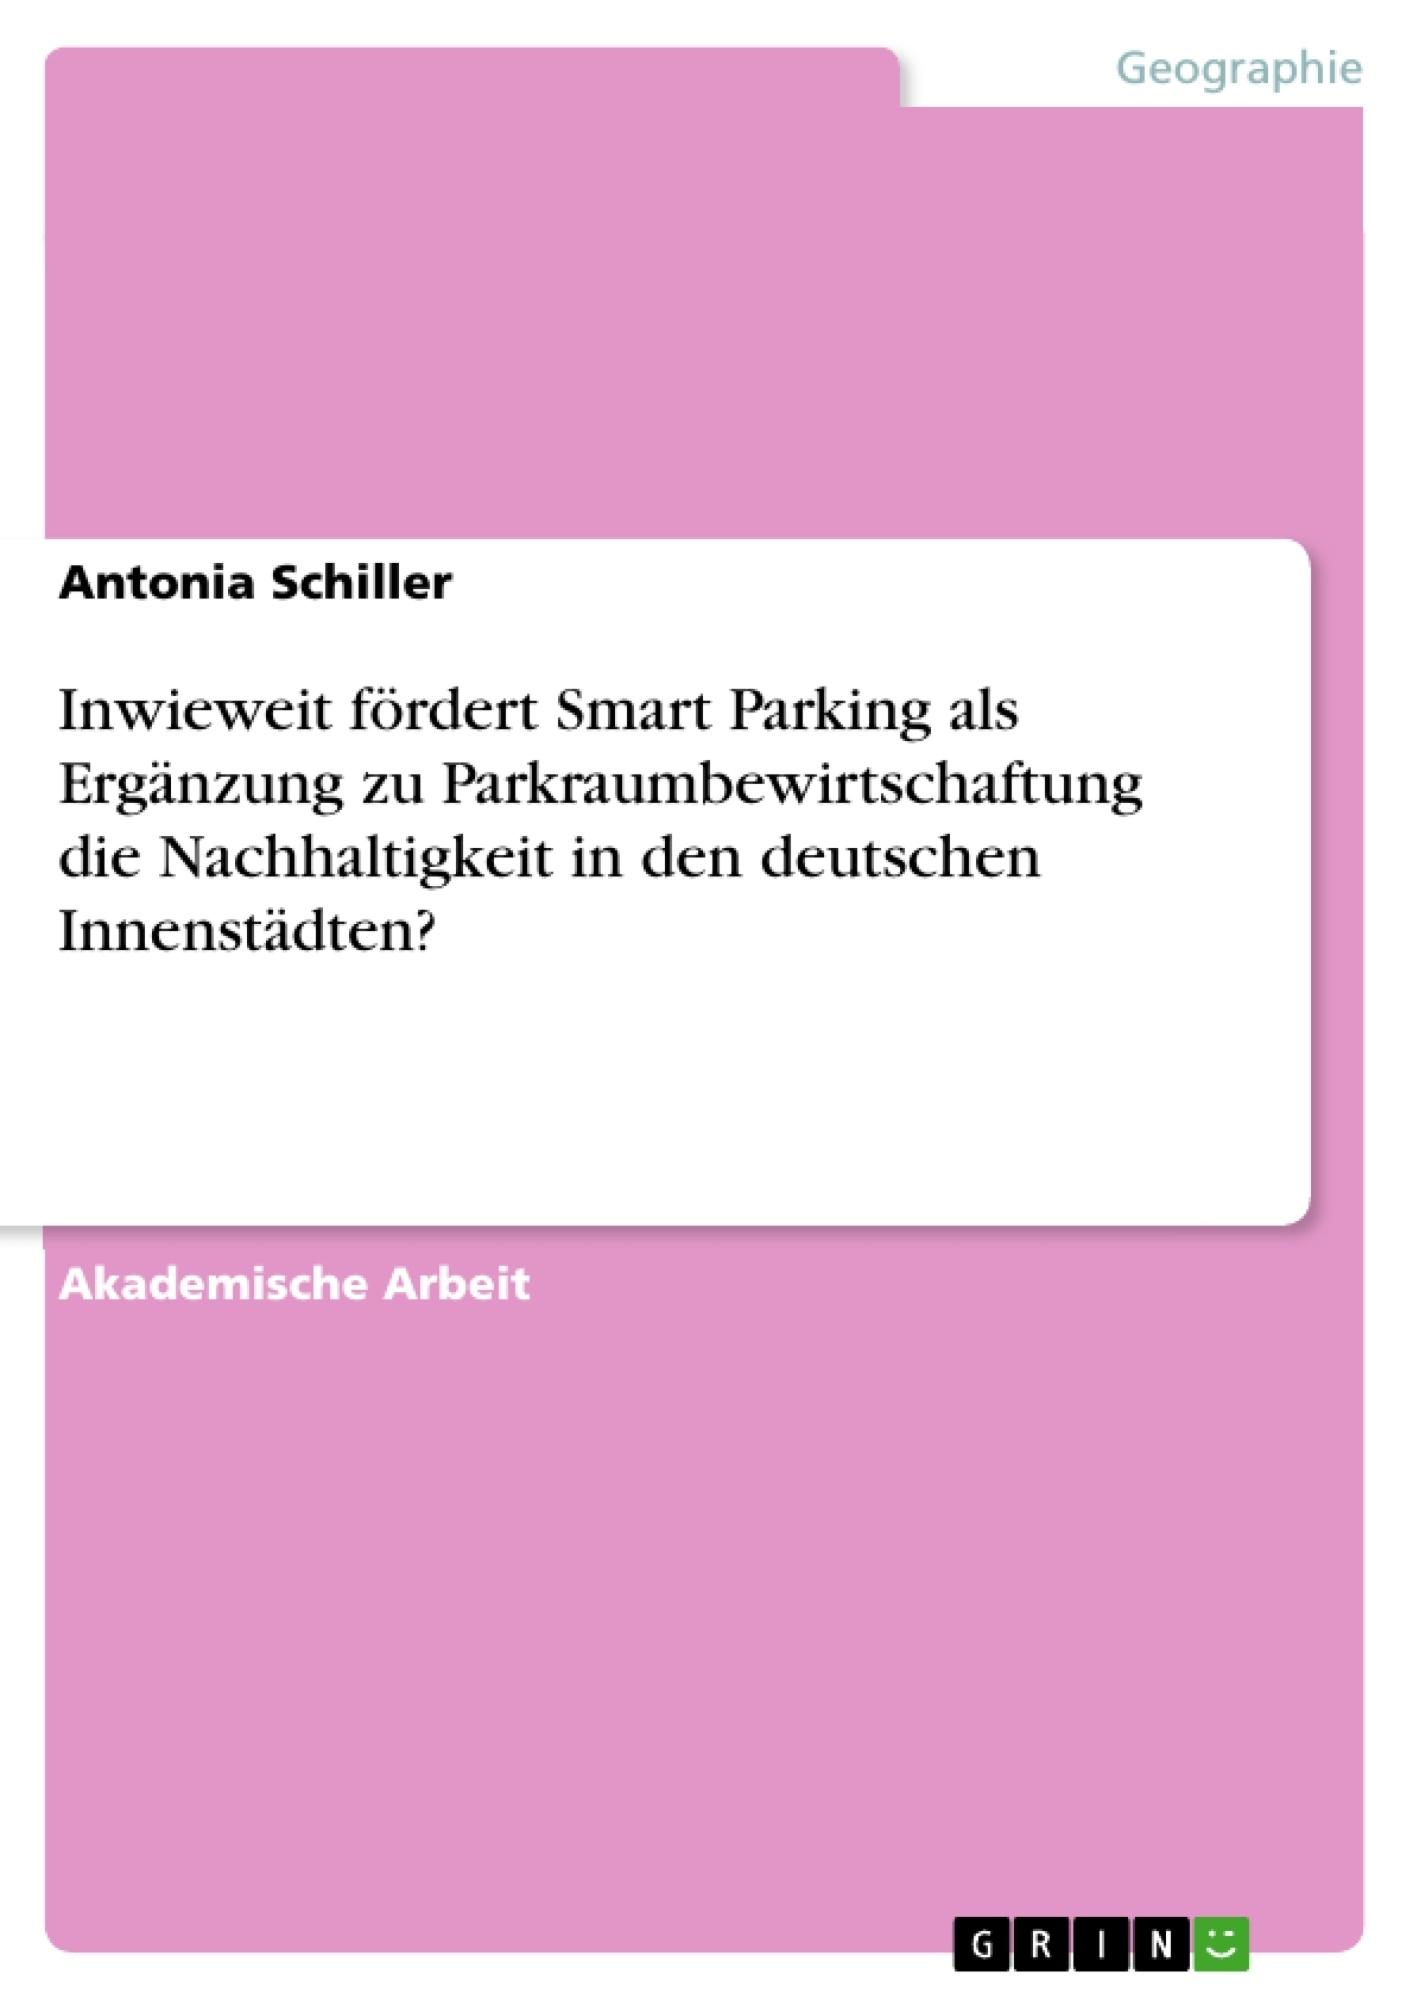 Titel: Inwieweit fördert Smart Parking als Ergänzung zu Parkraumbewirtschaftung die Nachhaltigkeit in den deutschen Innenstädten?